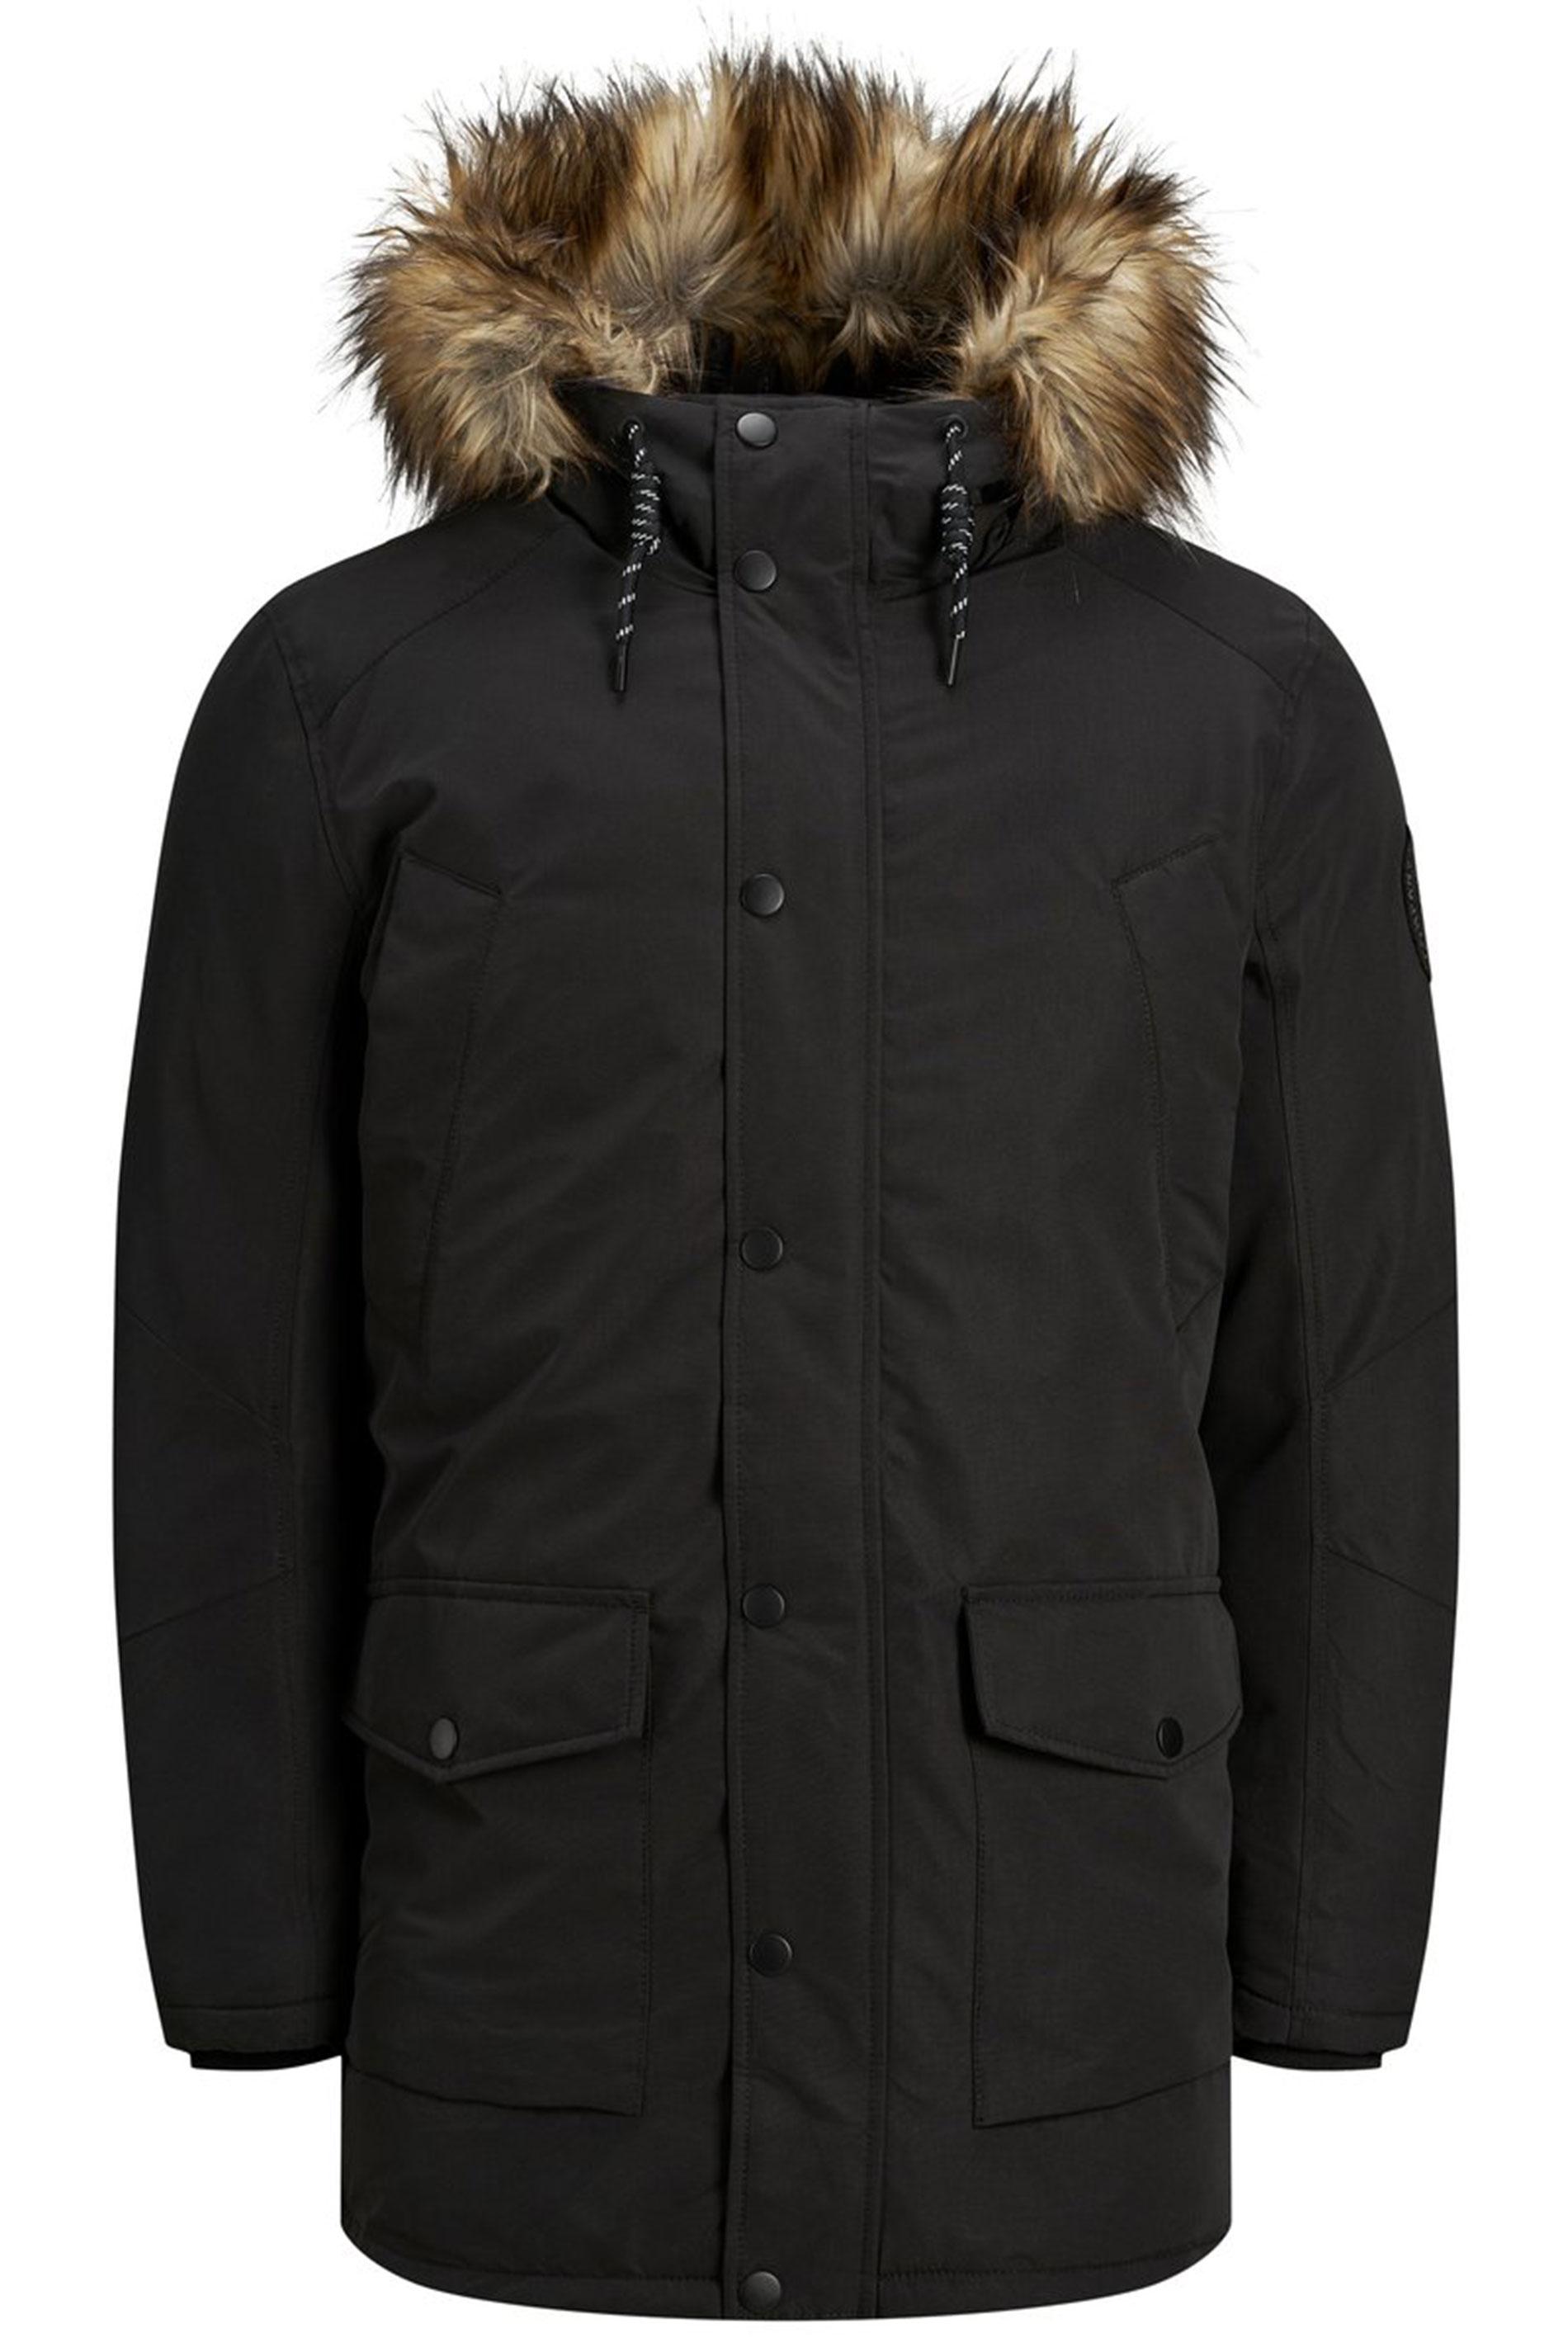 JACK & JONES Black Parka Coat